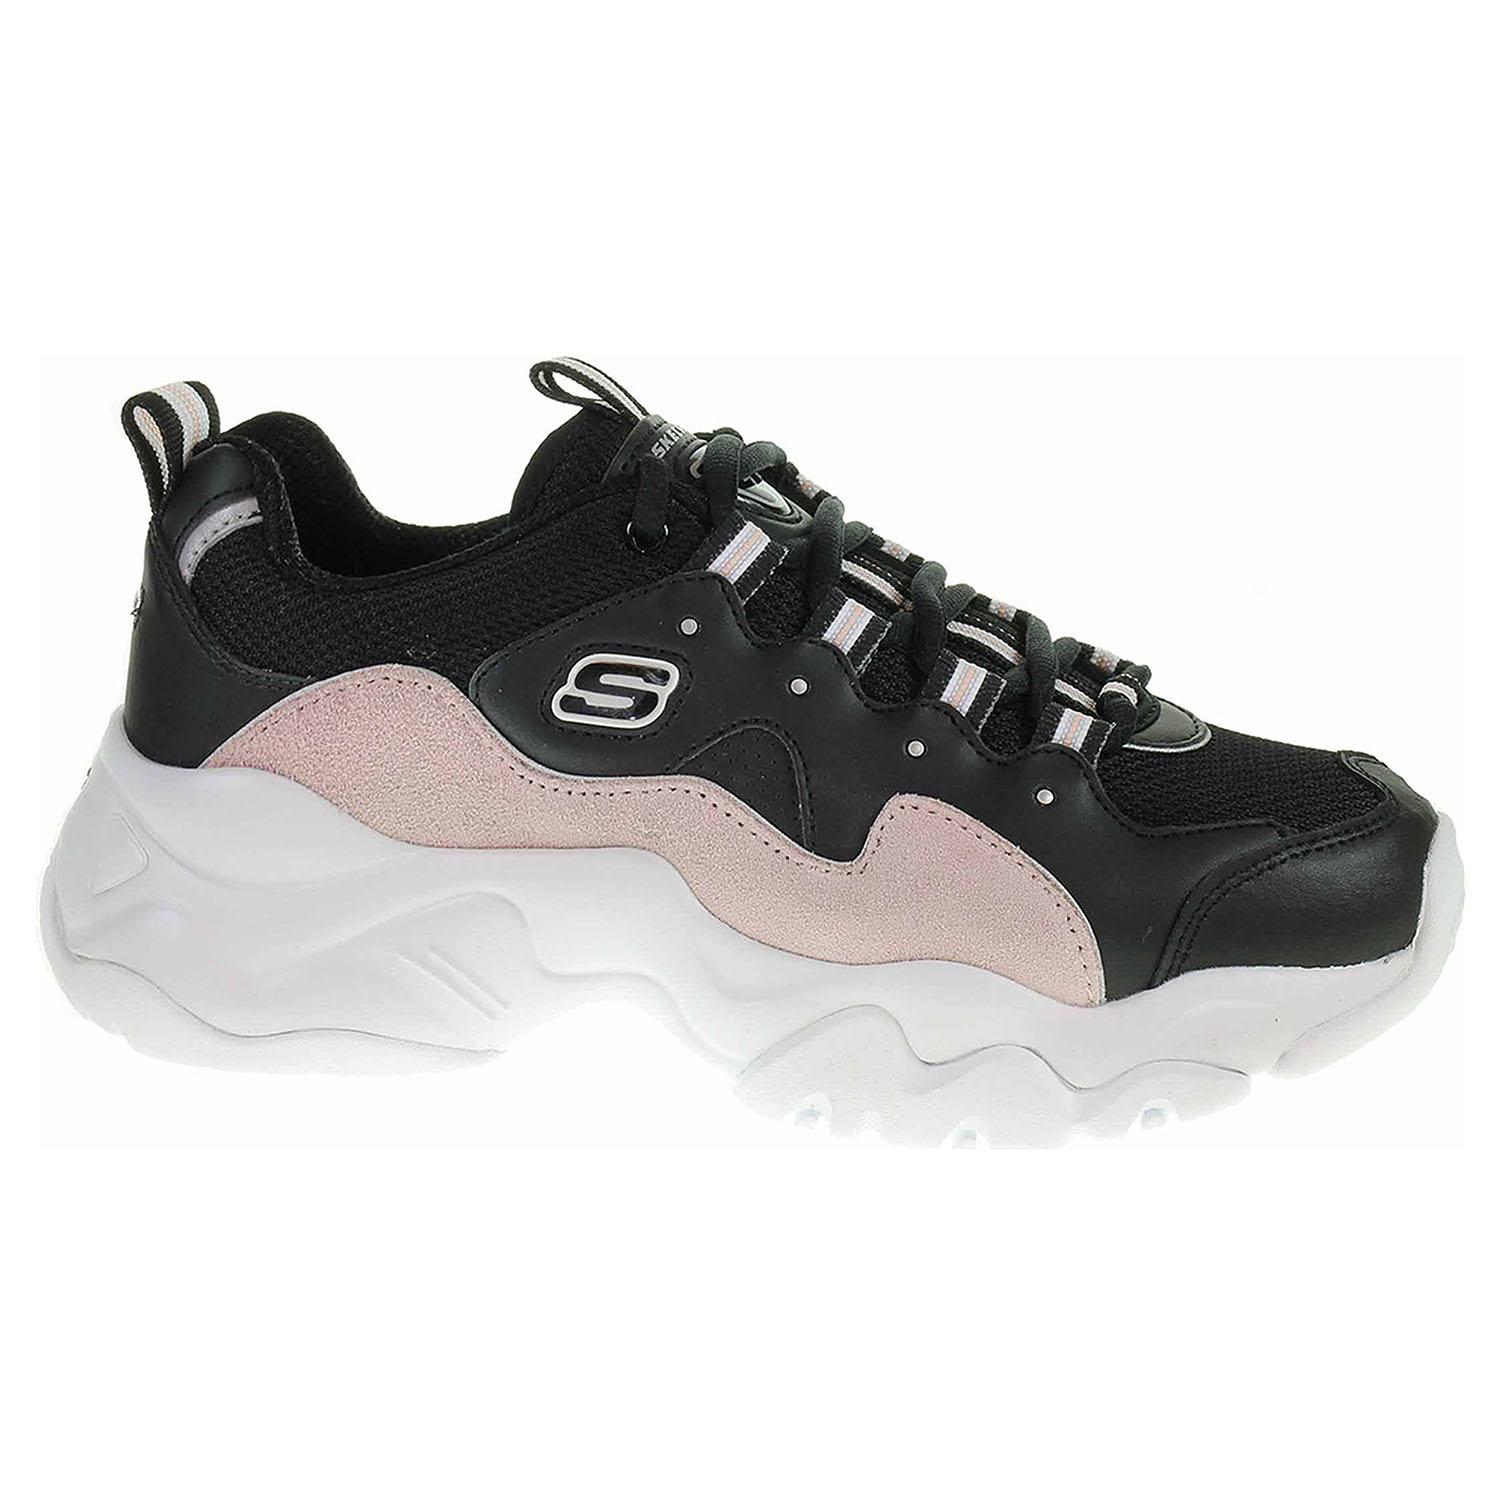 Skechers D´Lites 3.0 - Zenway black-pink 12955 BKPK 39